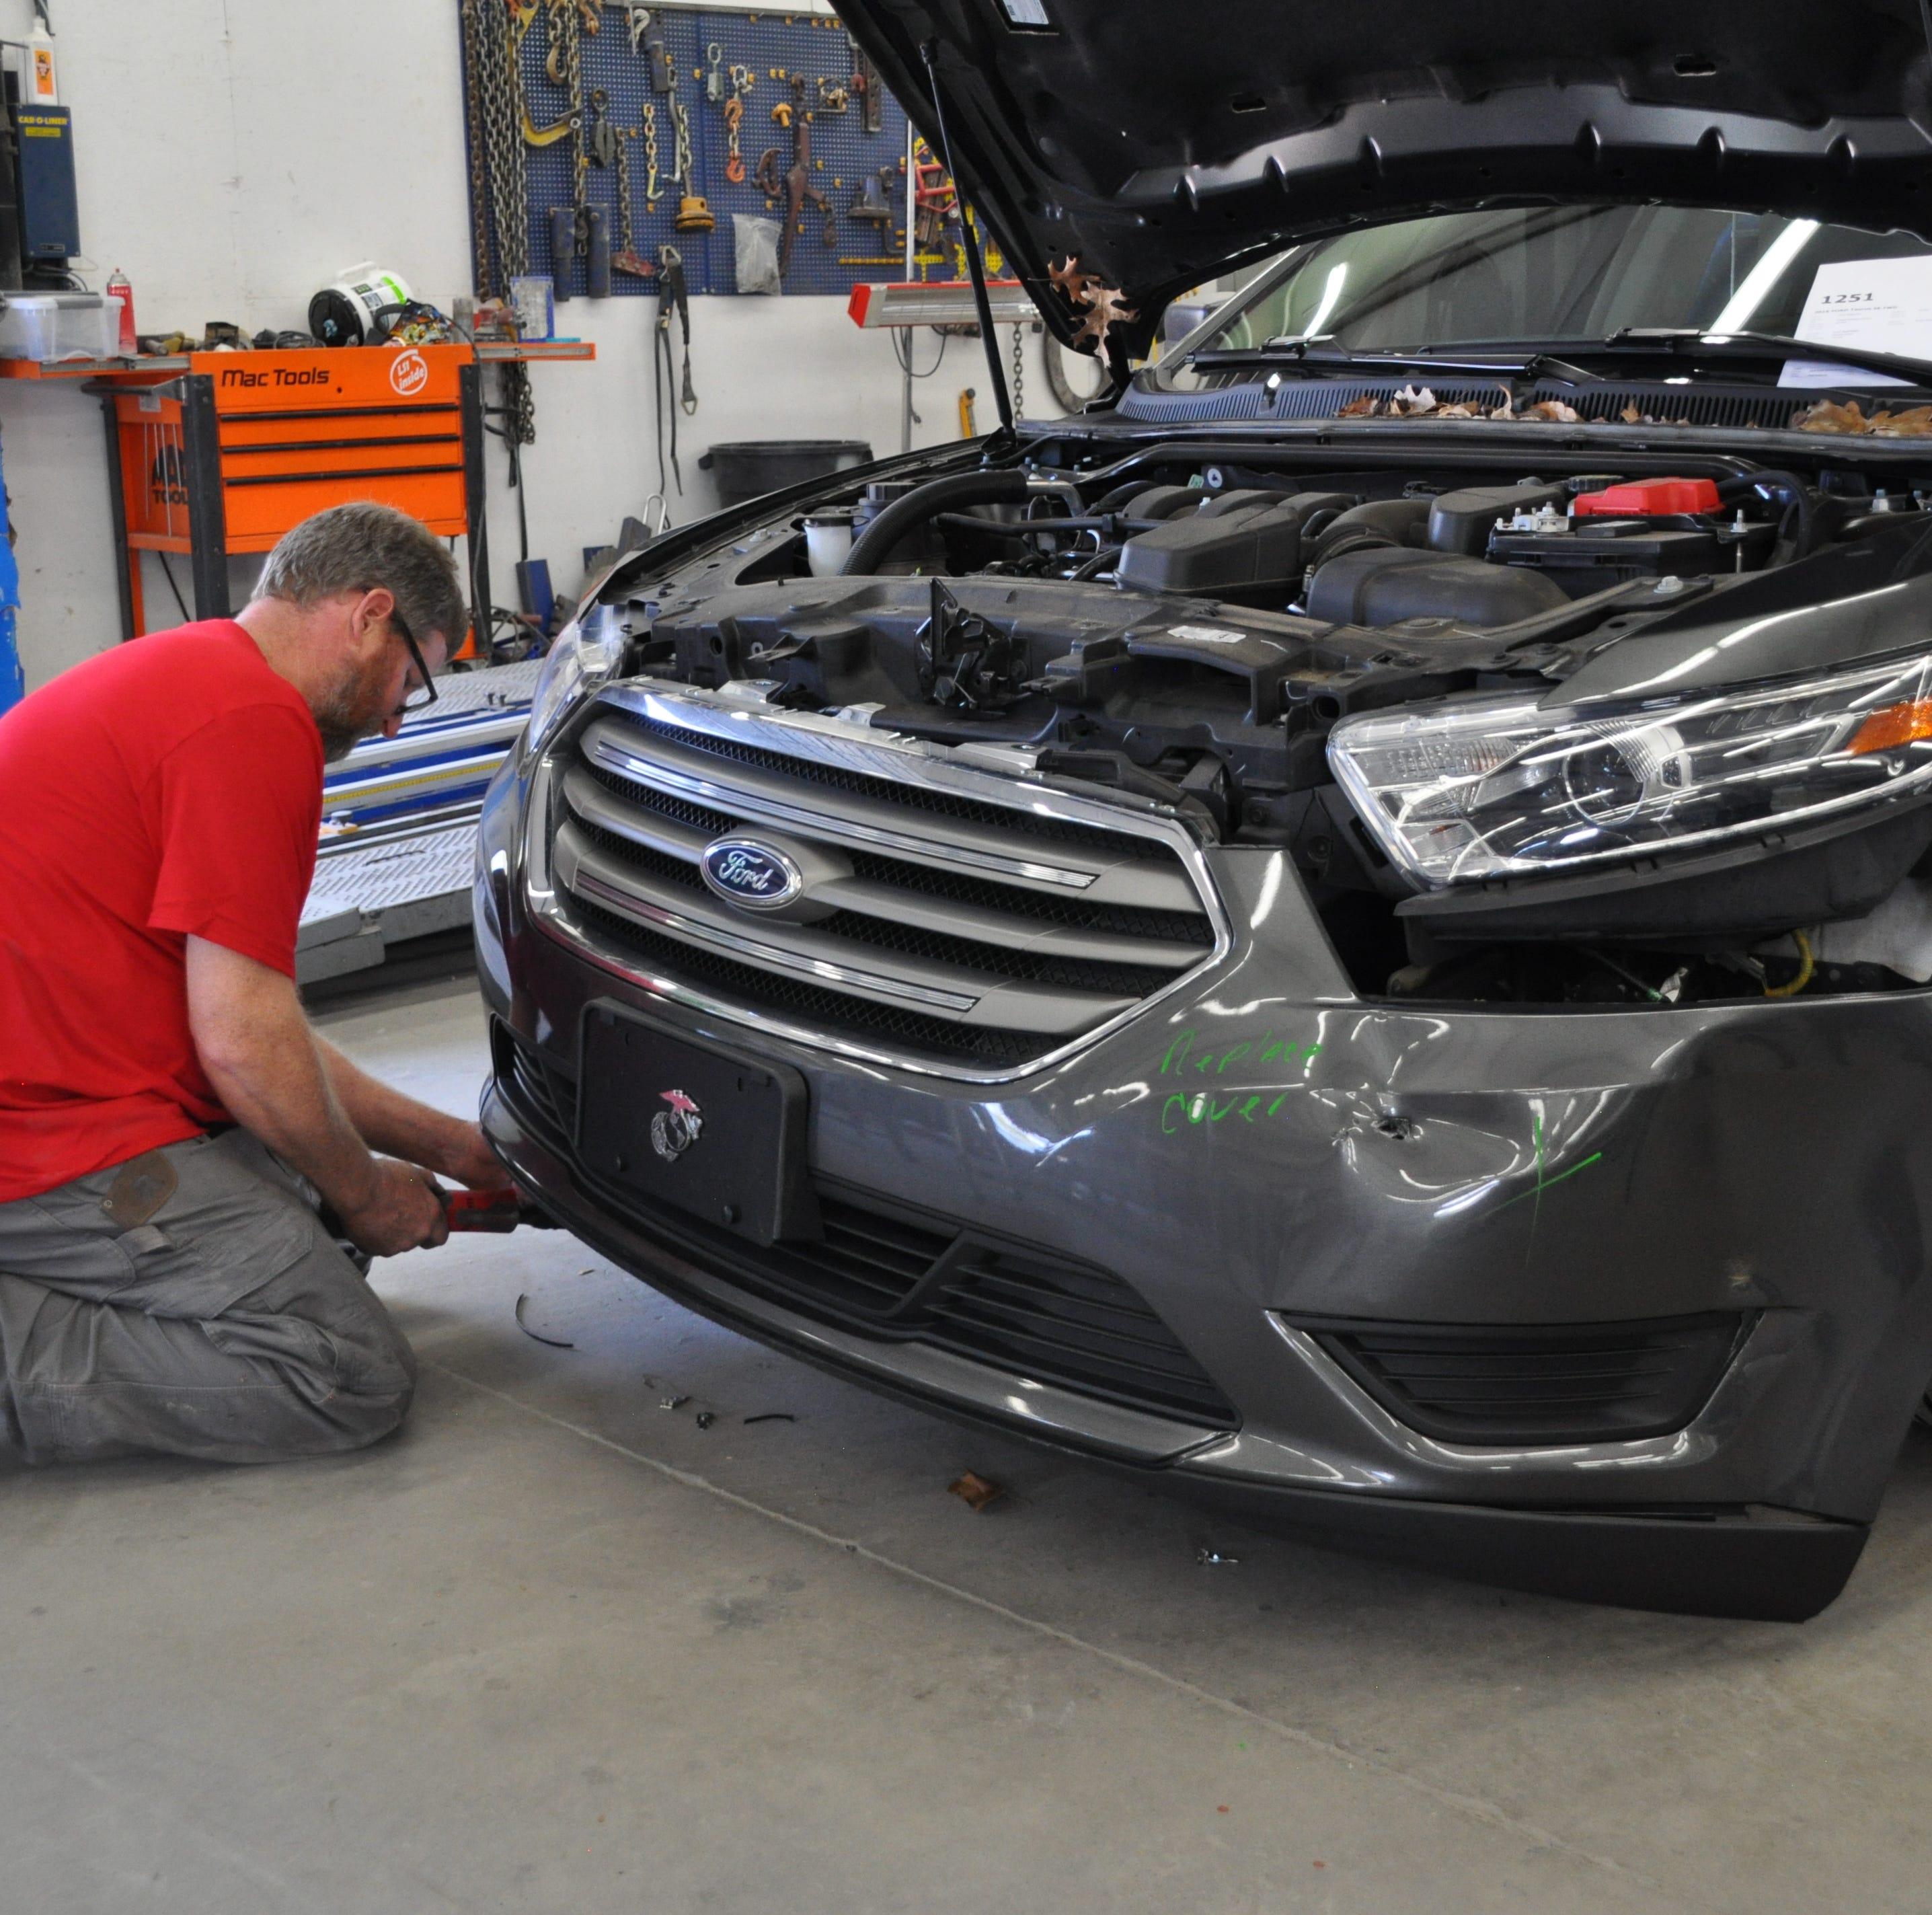 A repair technician removes a car's front bumper...